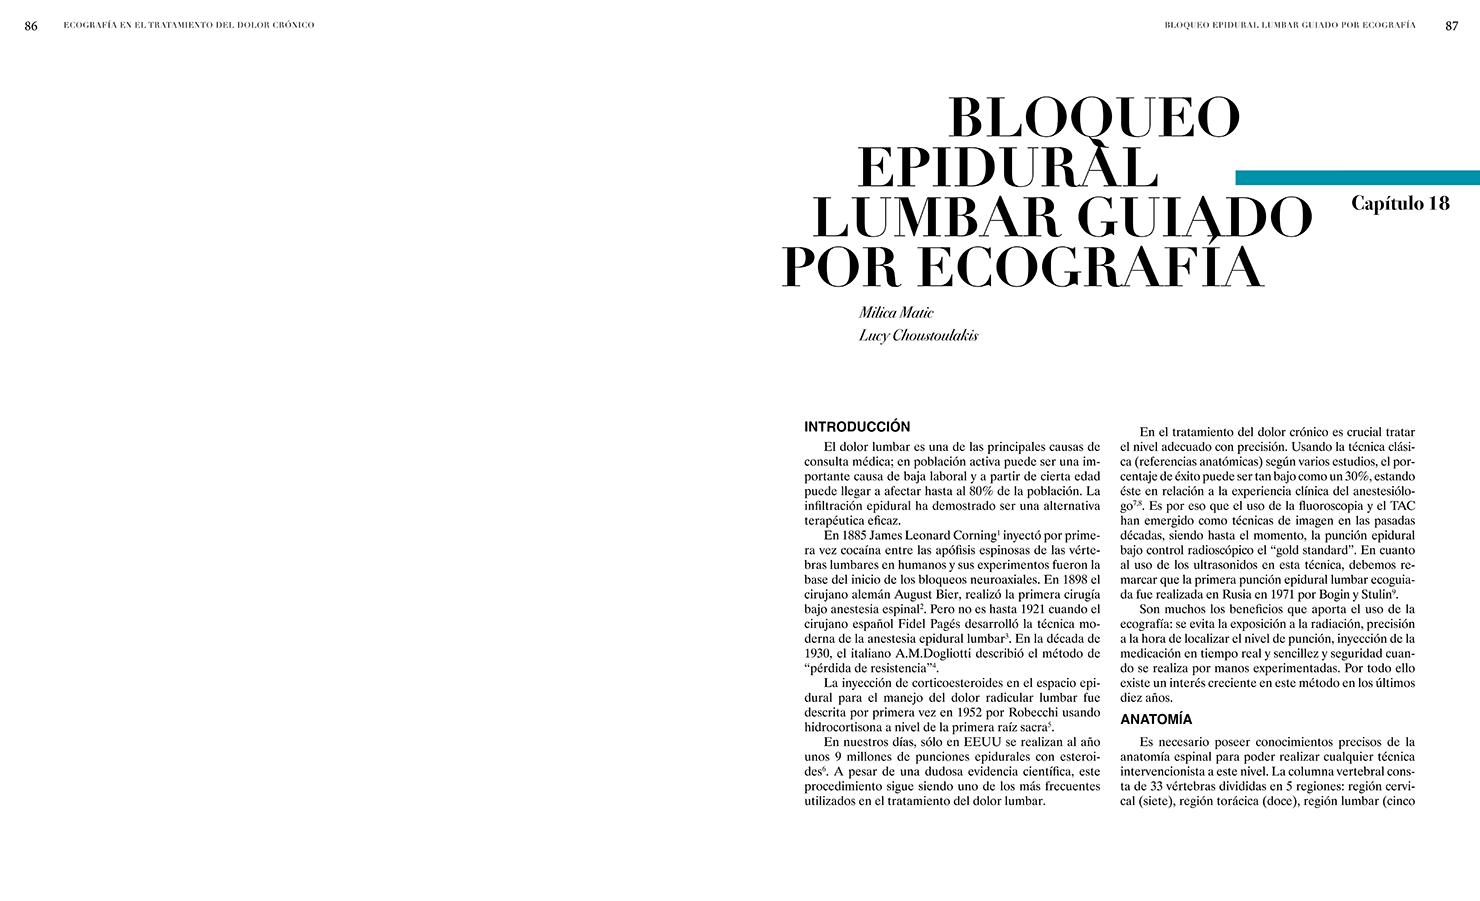 BLOQUEO EPIDURAL LUMBAR GUIADO POR ECOGRAFÍA